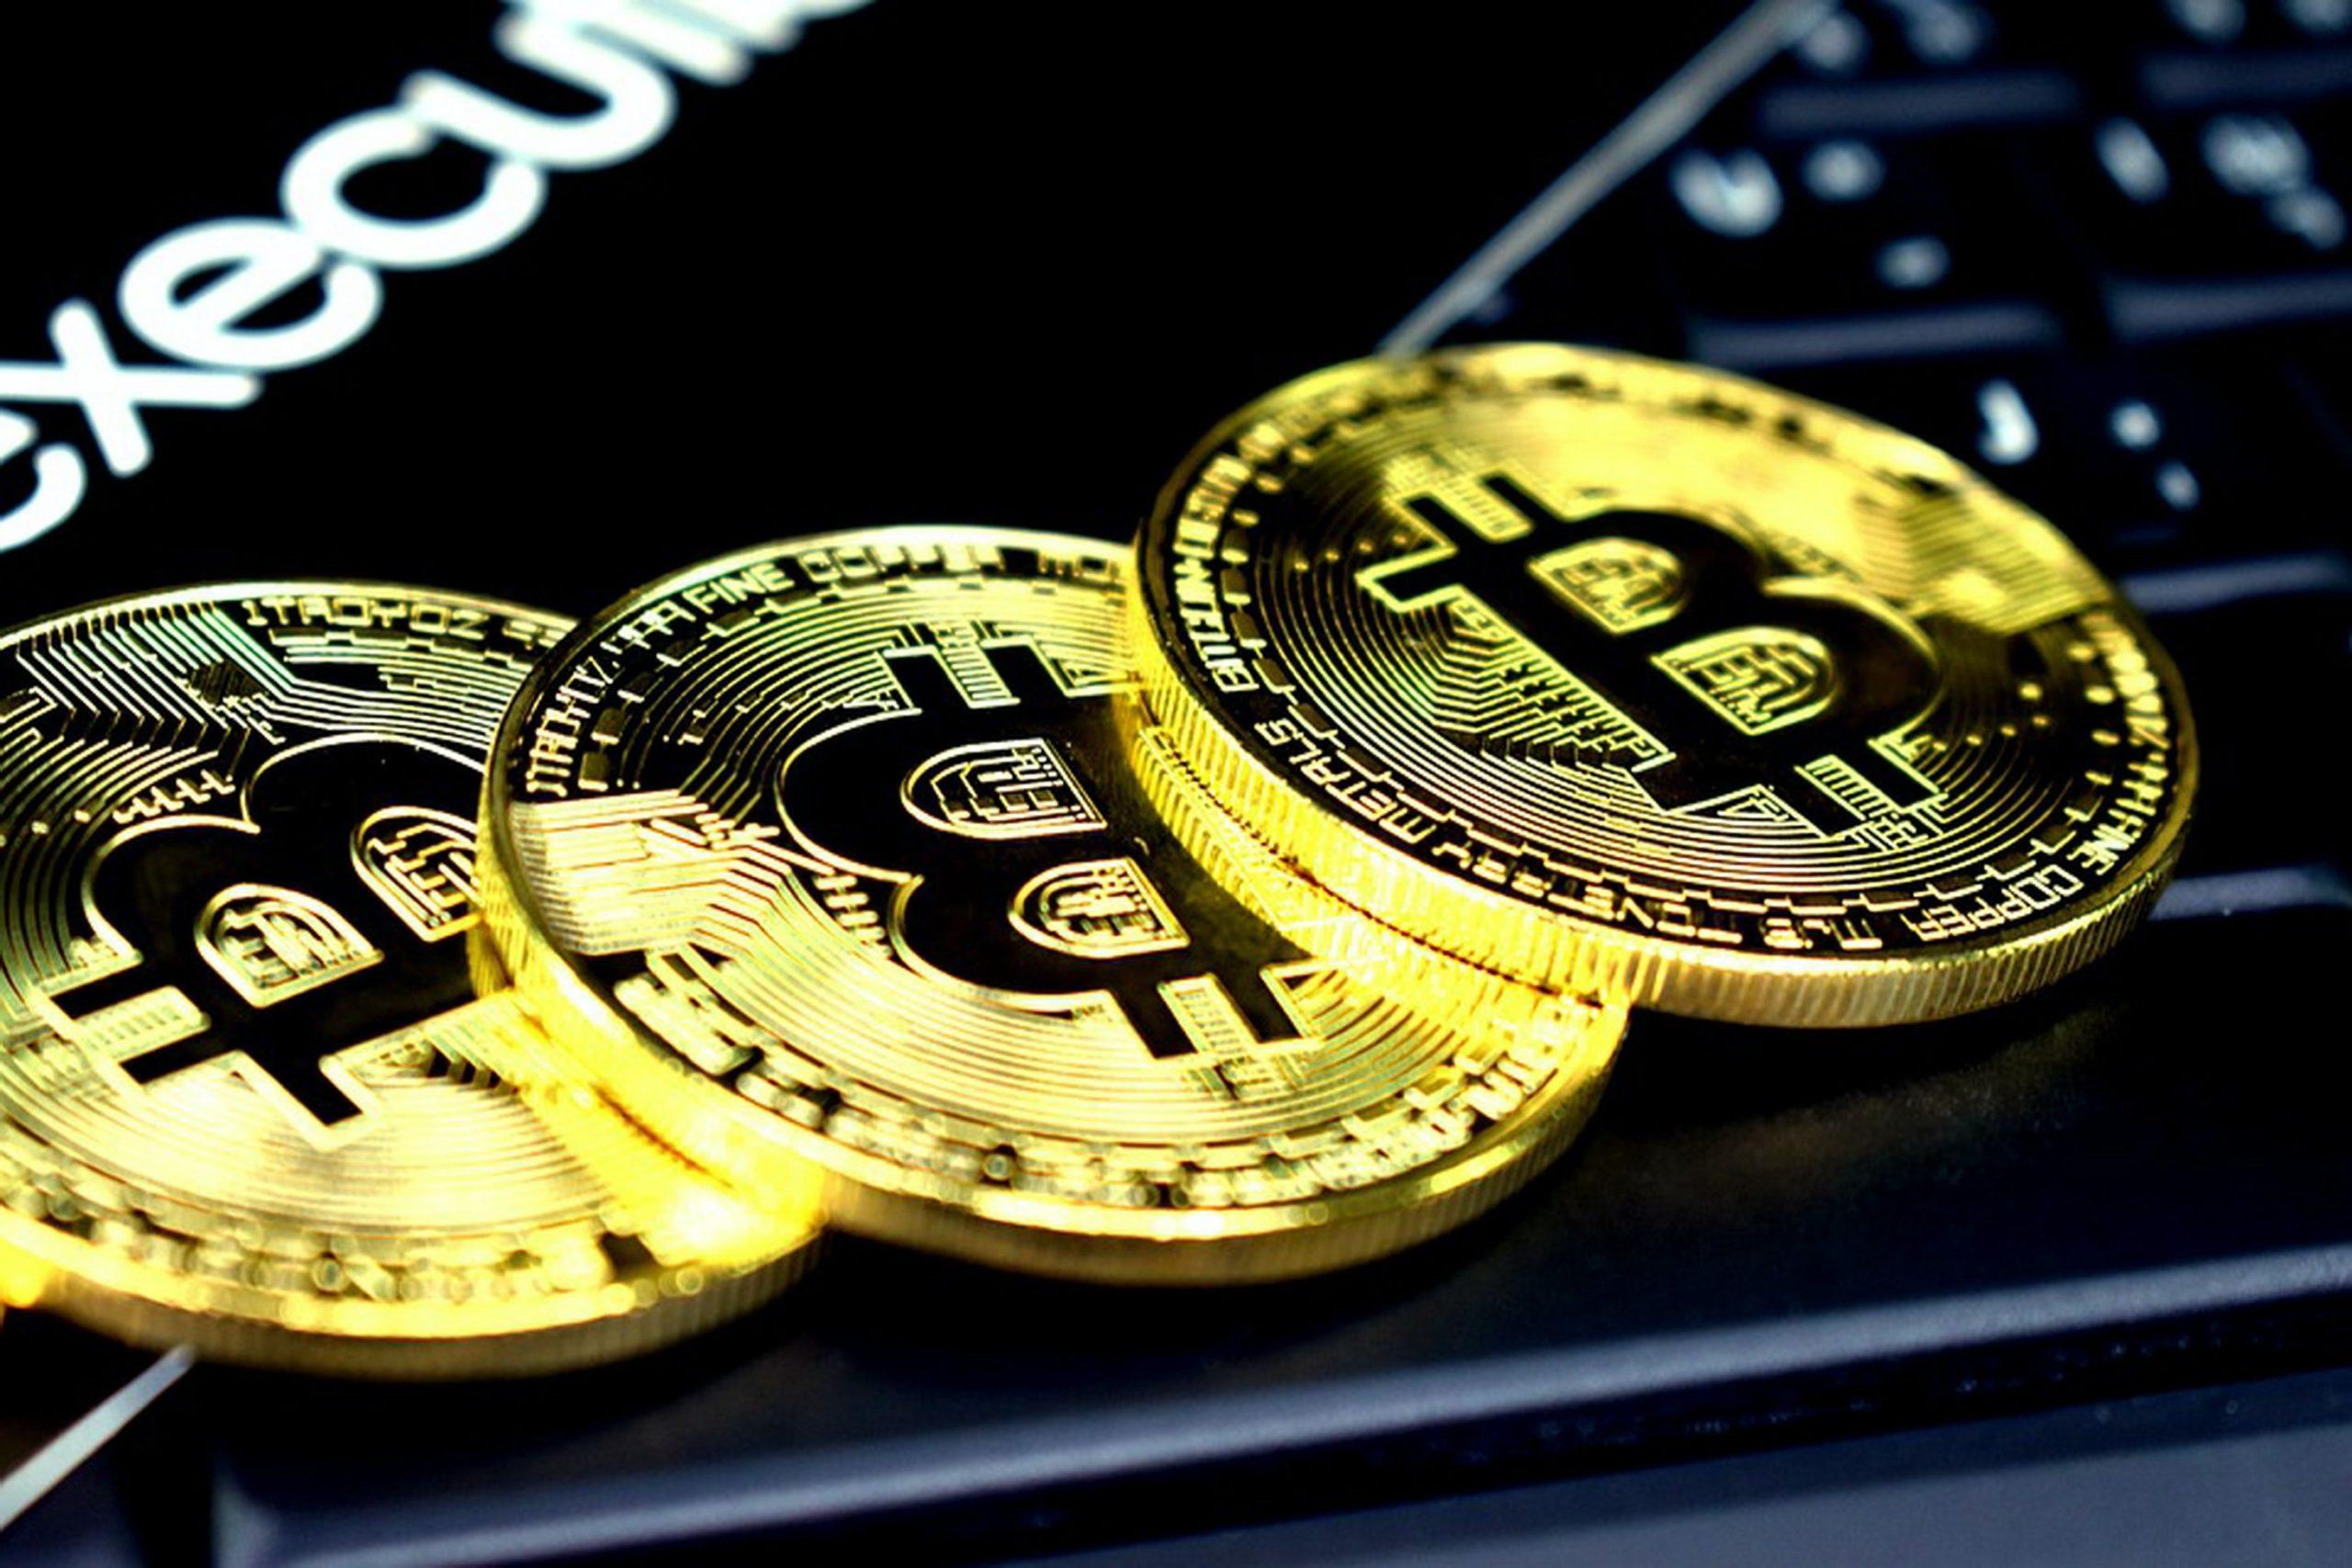 Le minage du Bitcoin consommerait plus qu'un pays entier - Journal du geek